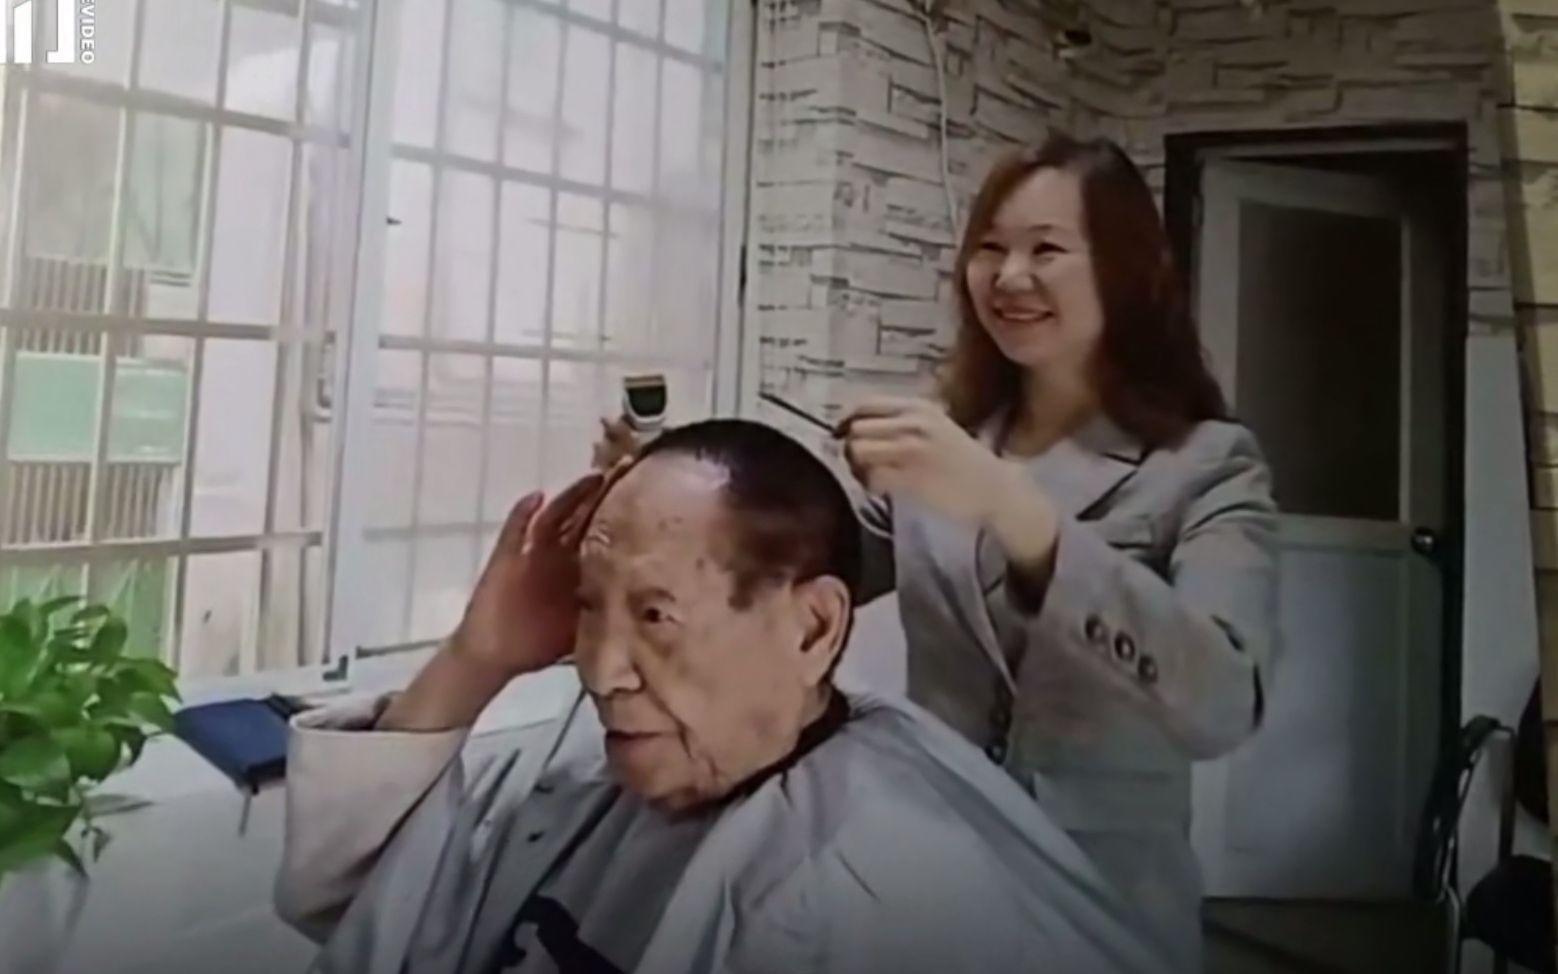 袁隆平理发的路边店走红 老板:单次20元 他给一百